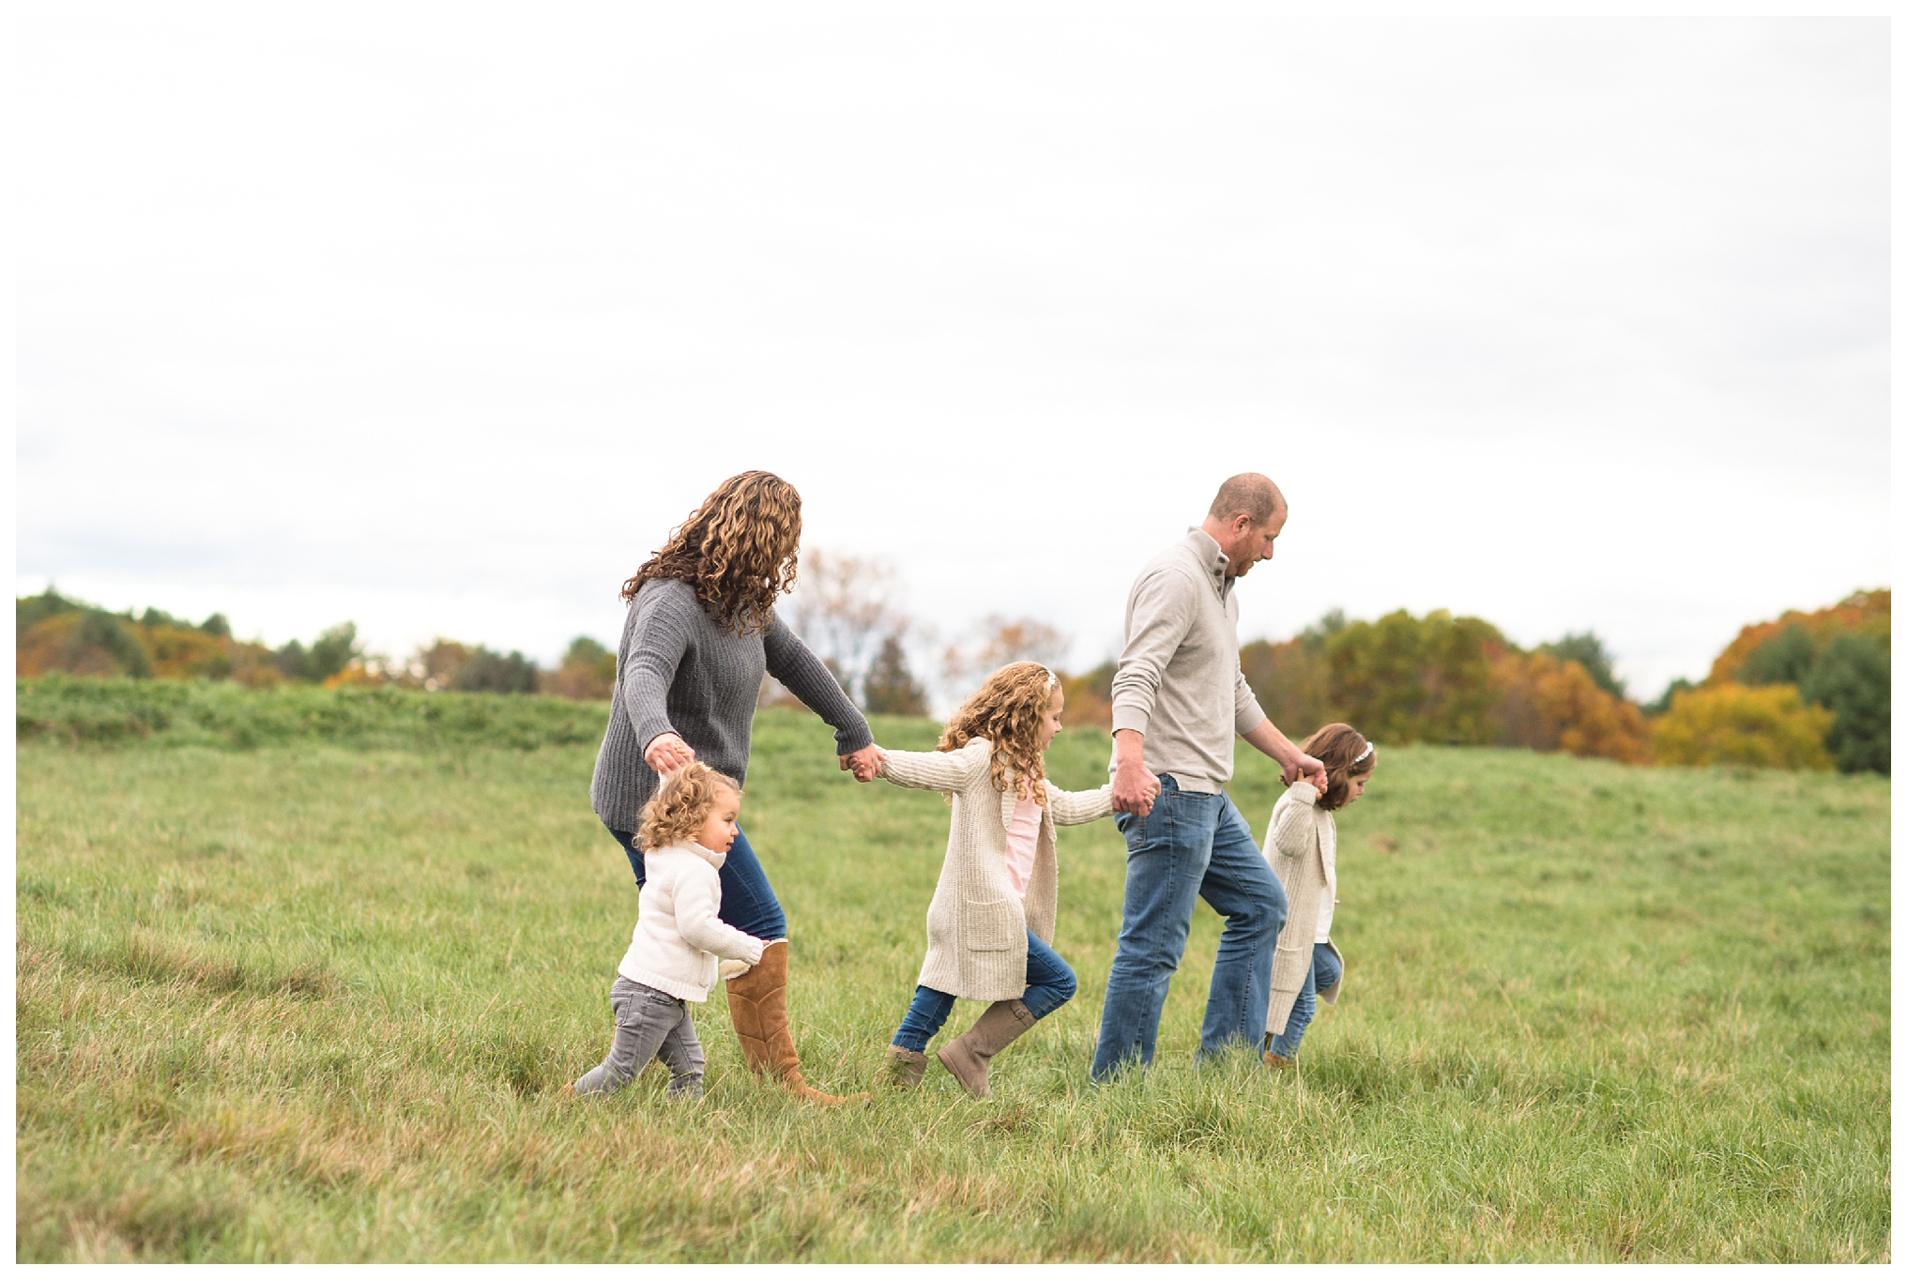 Family-Photographer-Sweet-Light-Portraits18.jpg